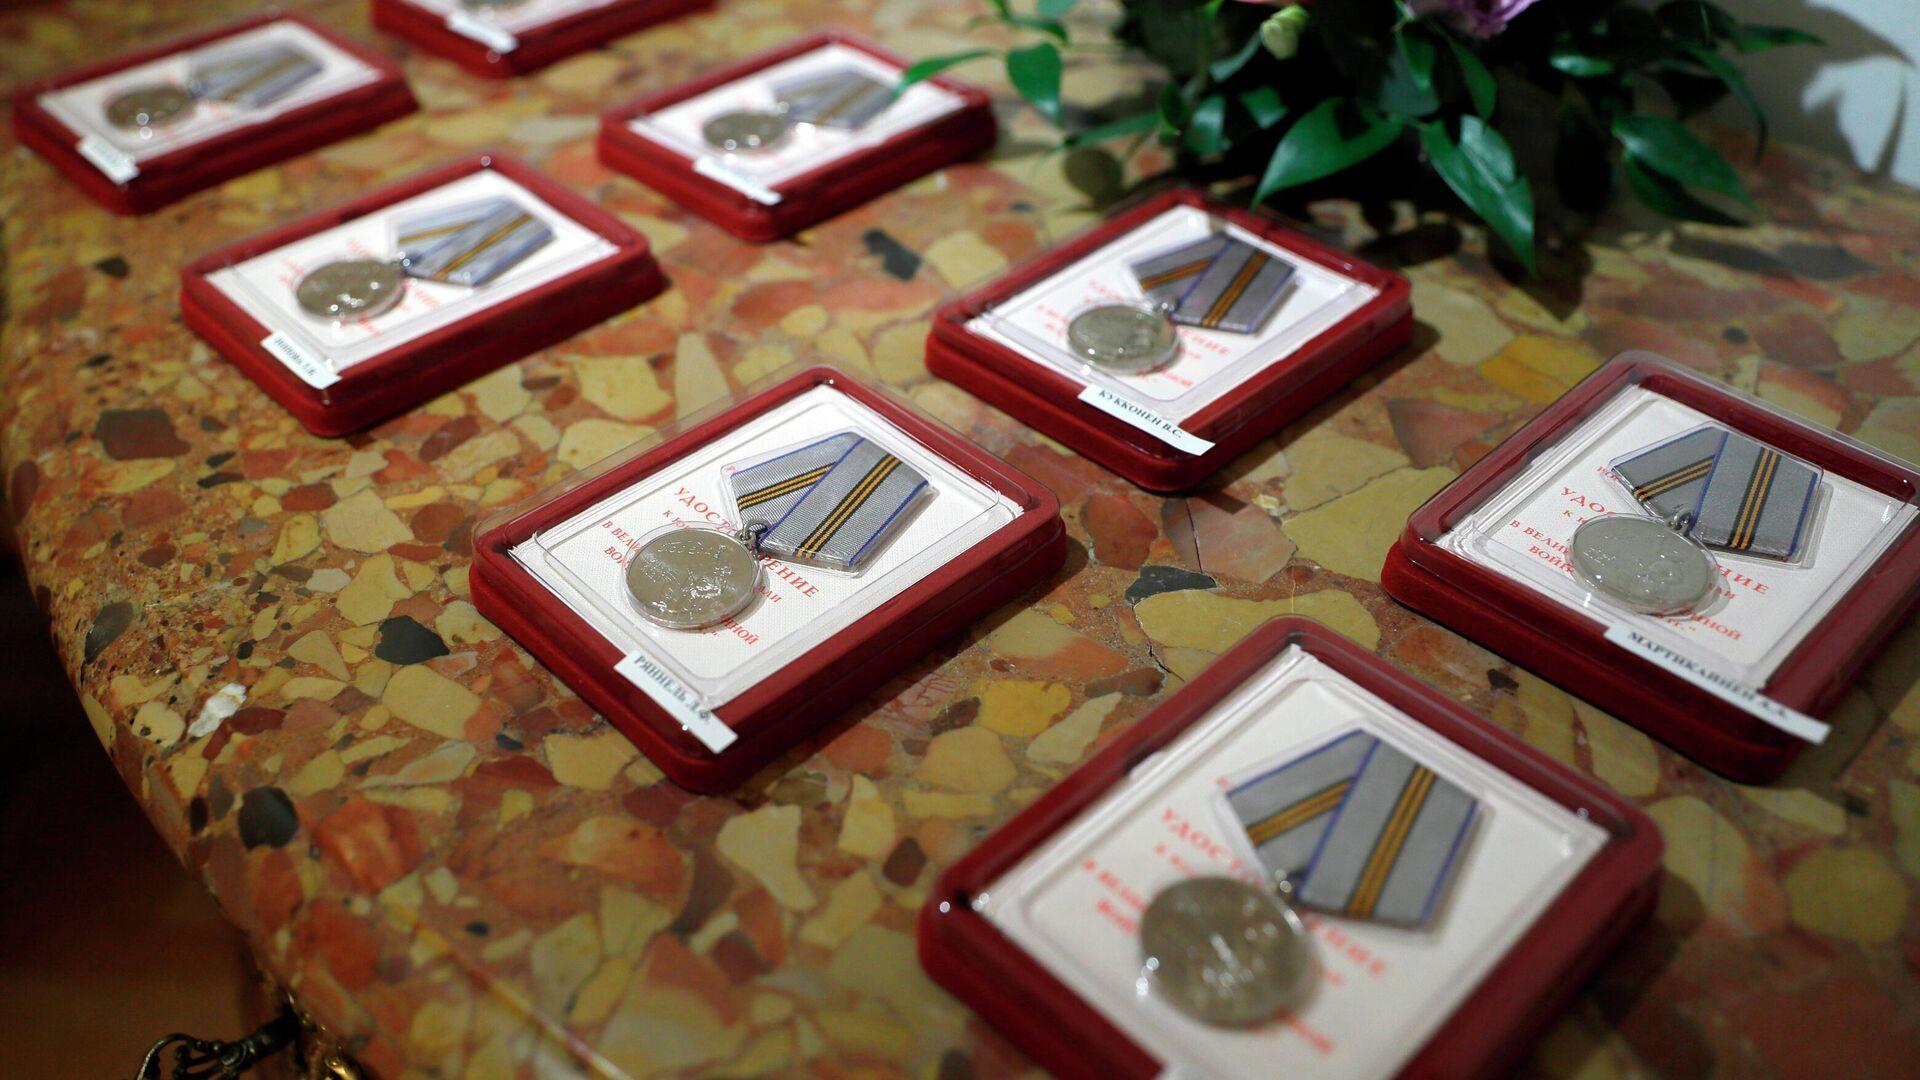 Медали 75 лет Победы в Великой Отечественной войне 1941-1945 годов - РИА Новости, 1920, 05.12.2020